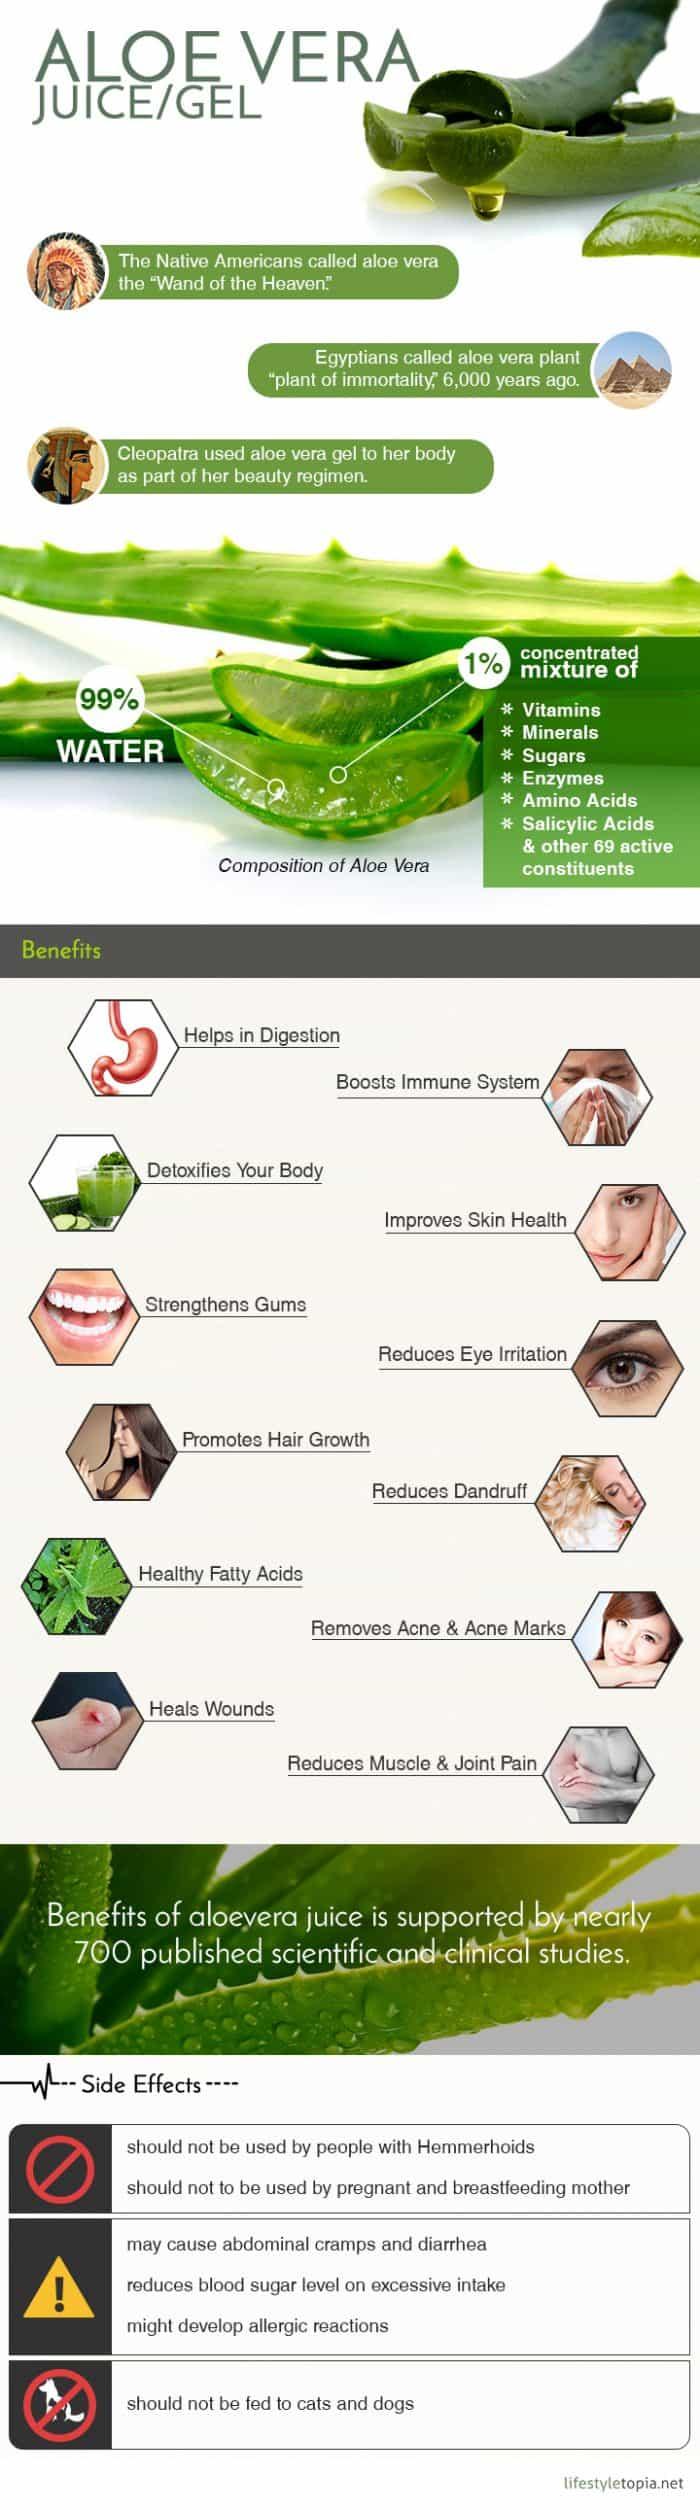 Benefits Of Aloe Vera Infographic